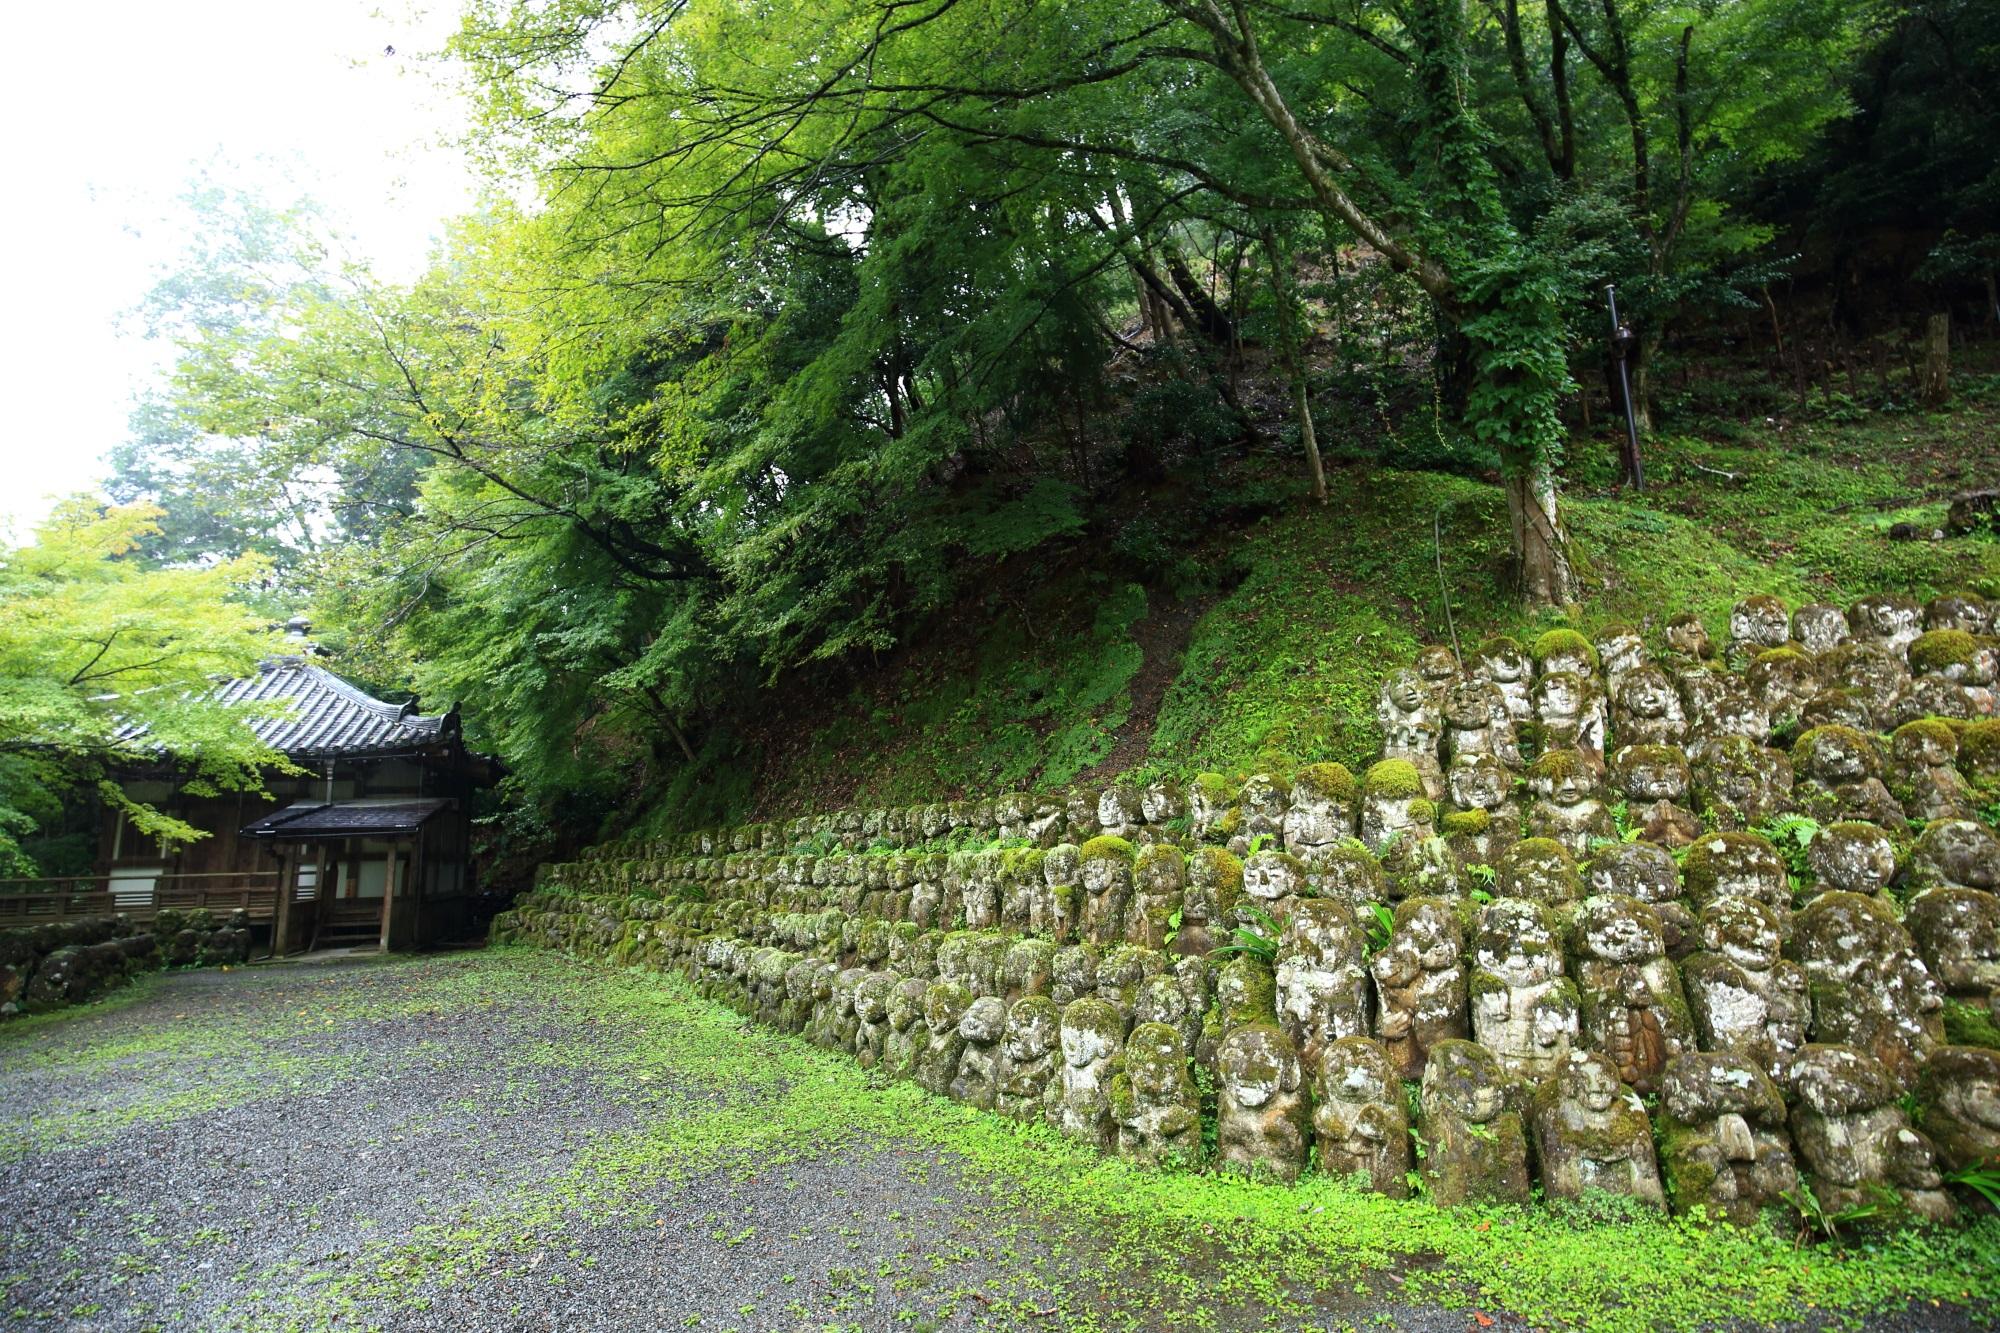 愛宕念仏寺 地蔵堂と千二百羅漢